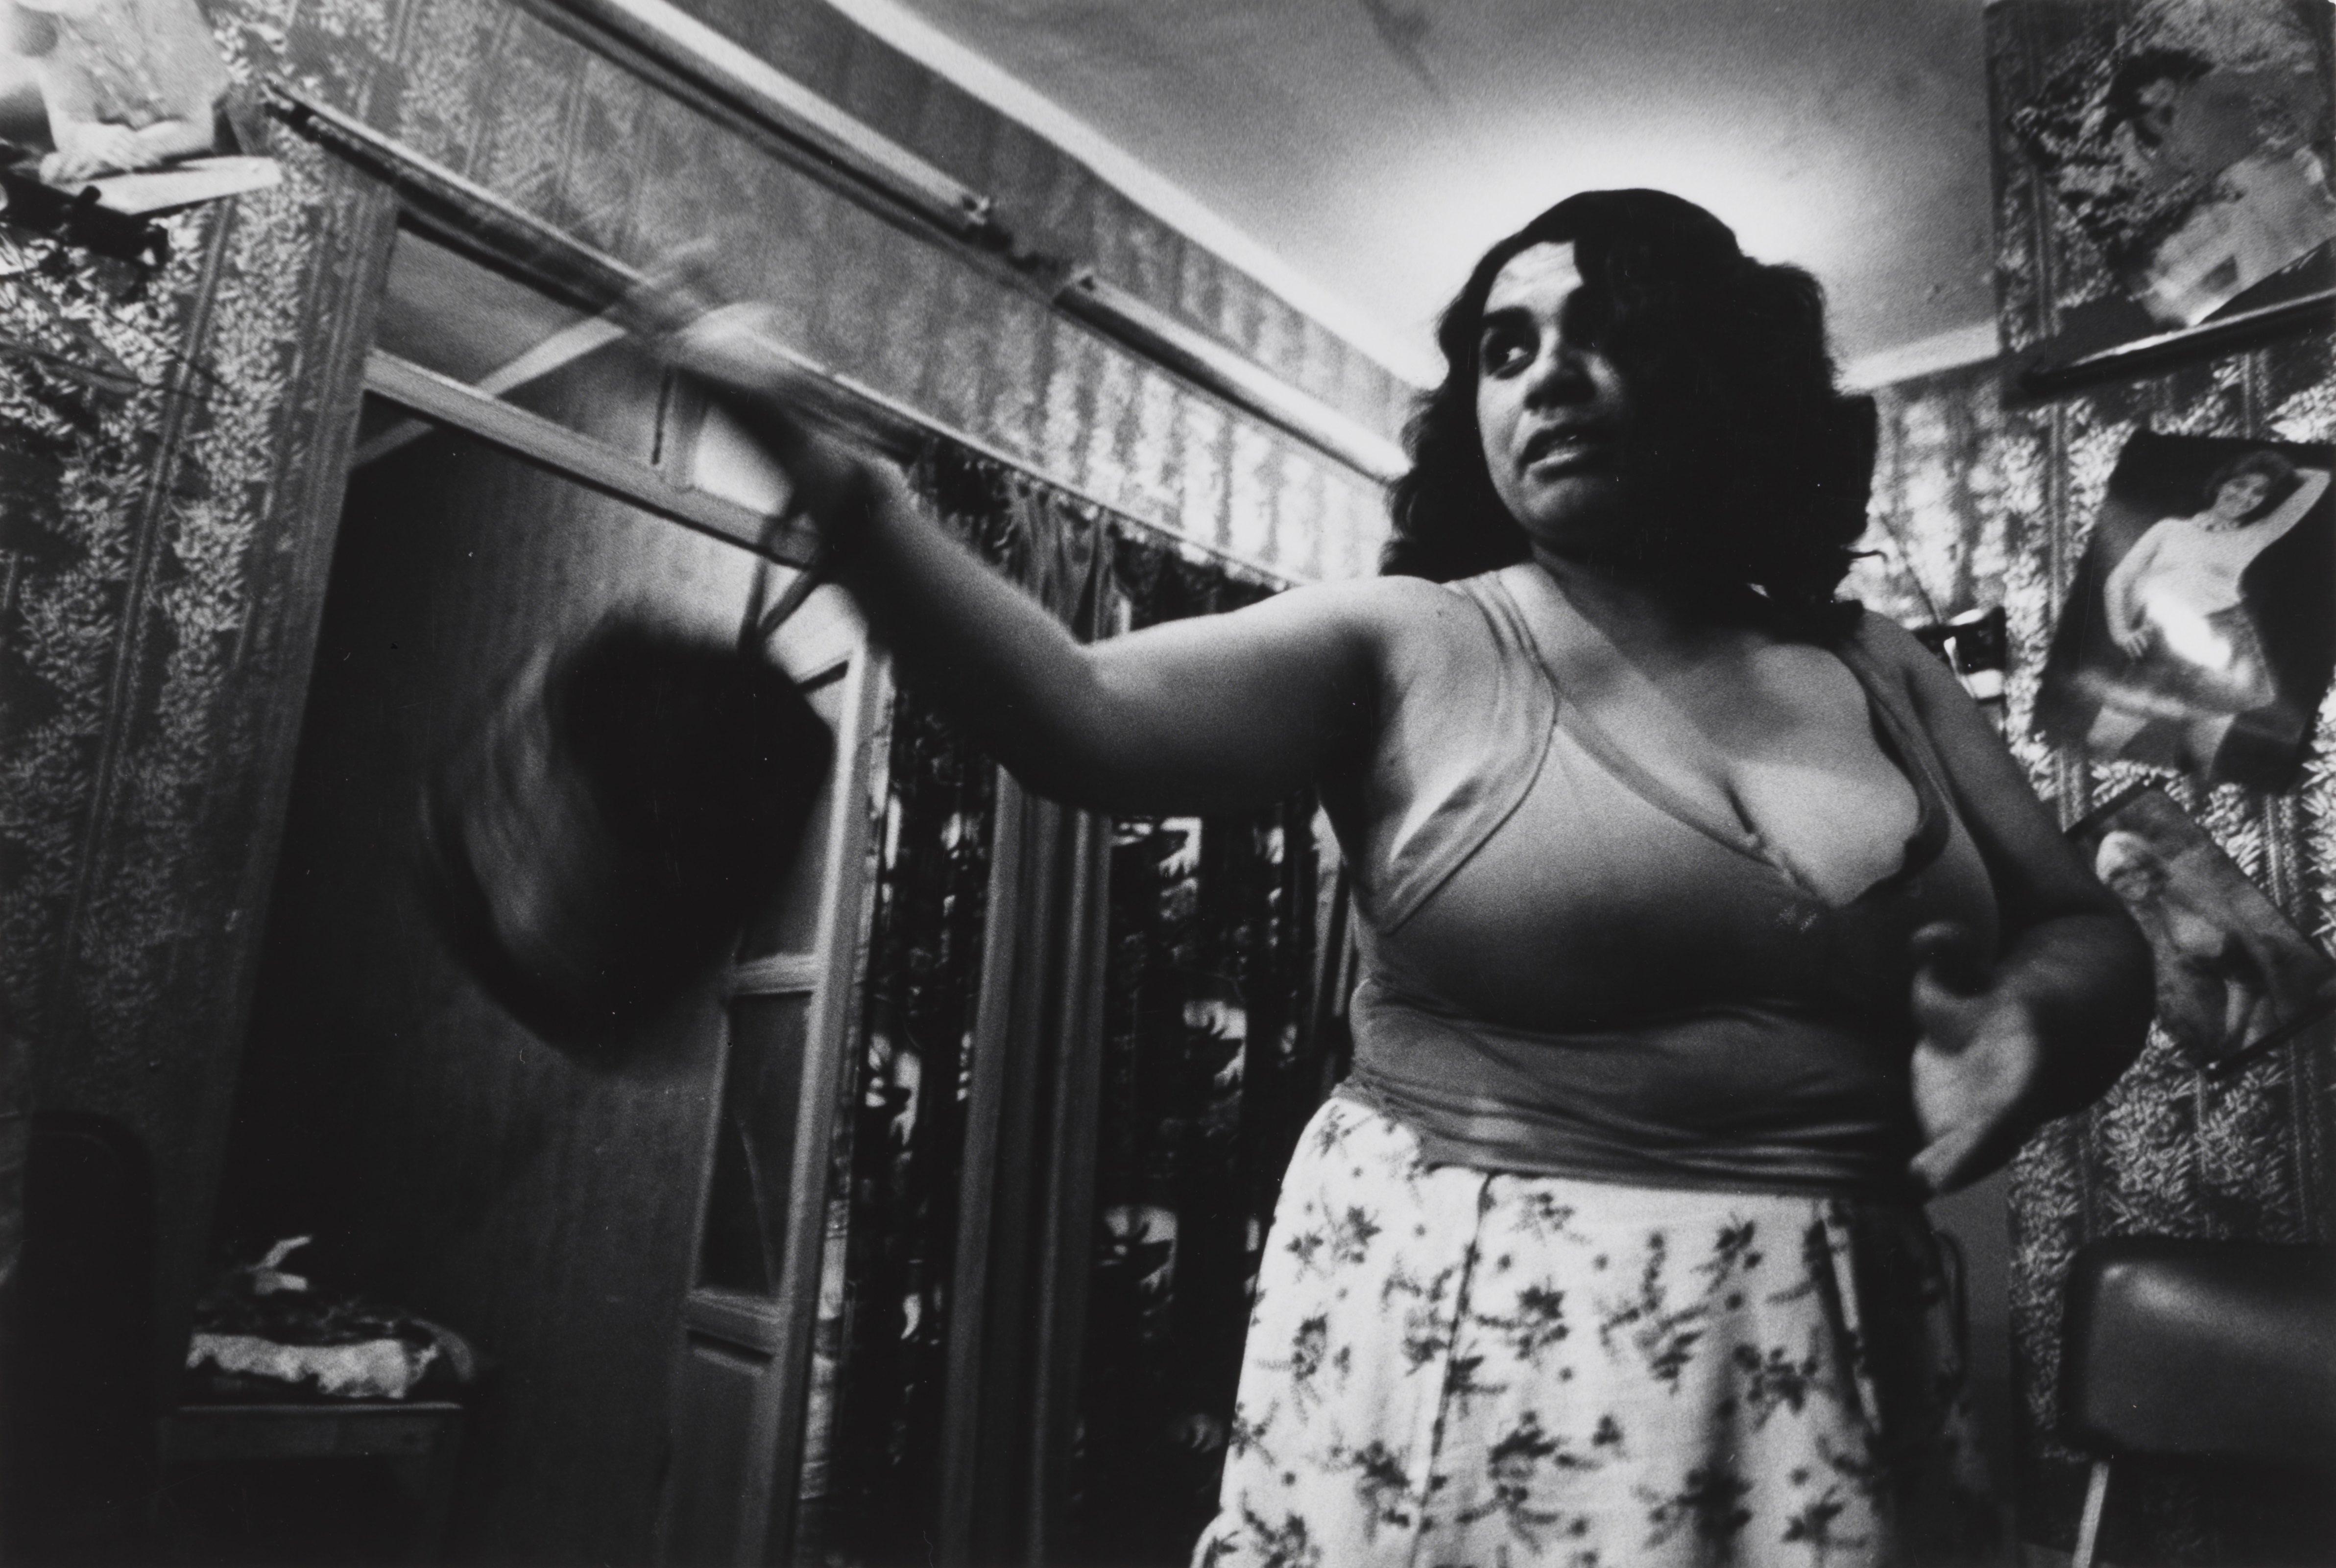 prostitute photographs